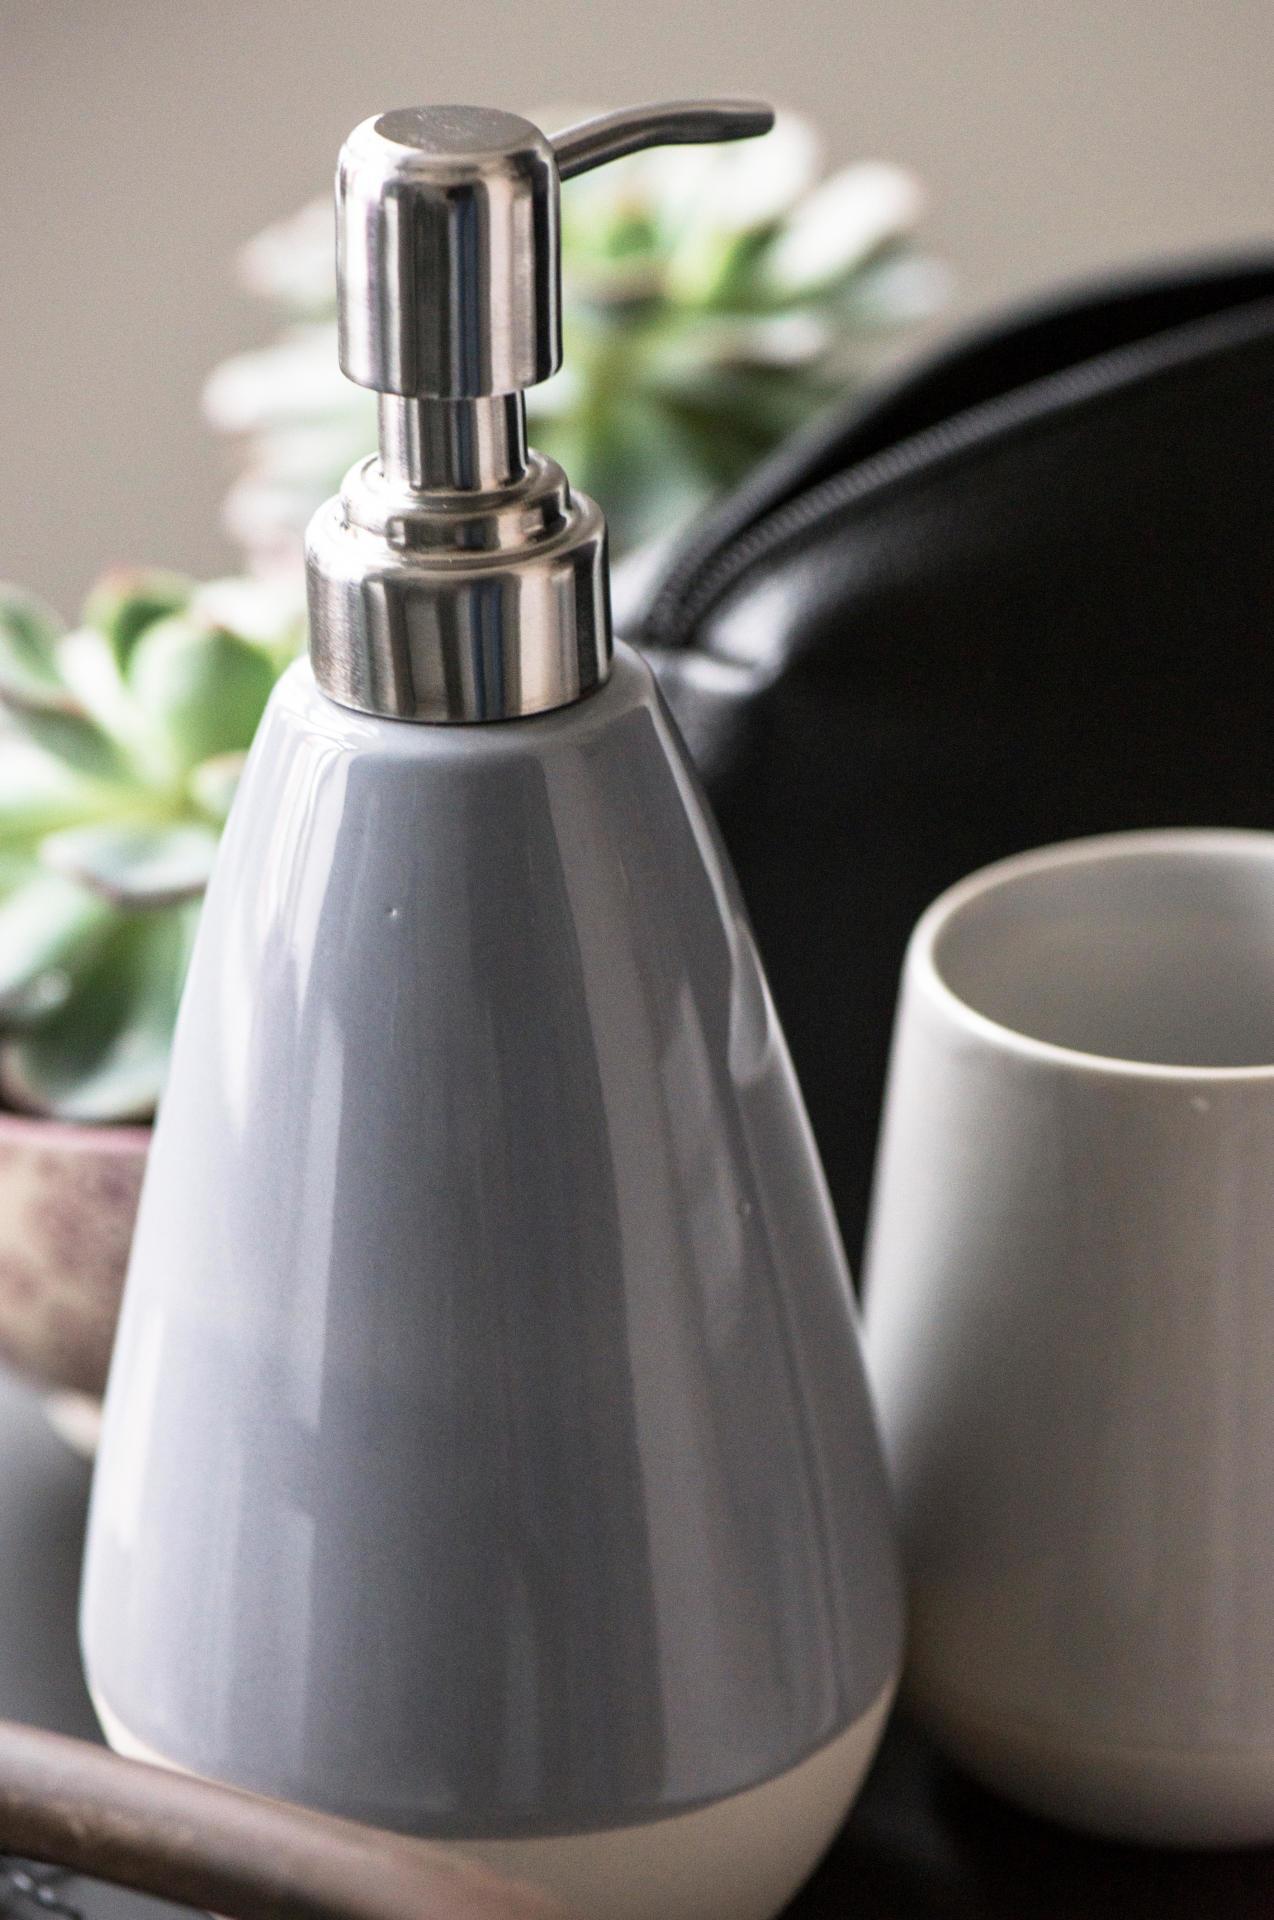 IB LAURSEN Zásobník na mýdlo Glazed, šedá barva, beton